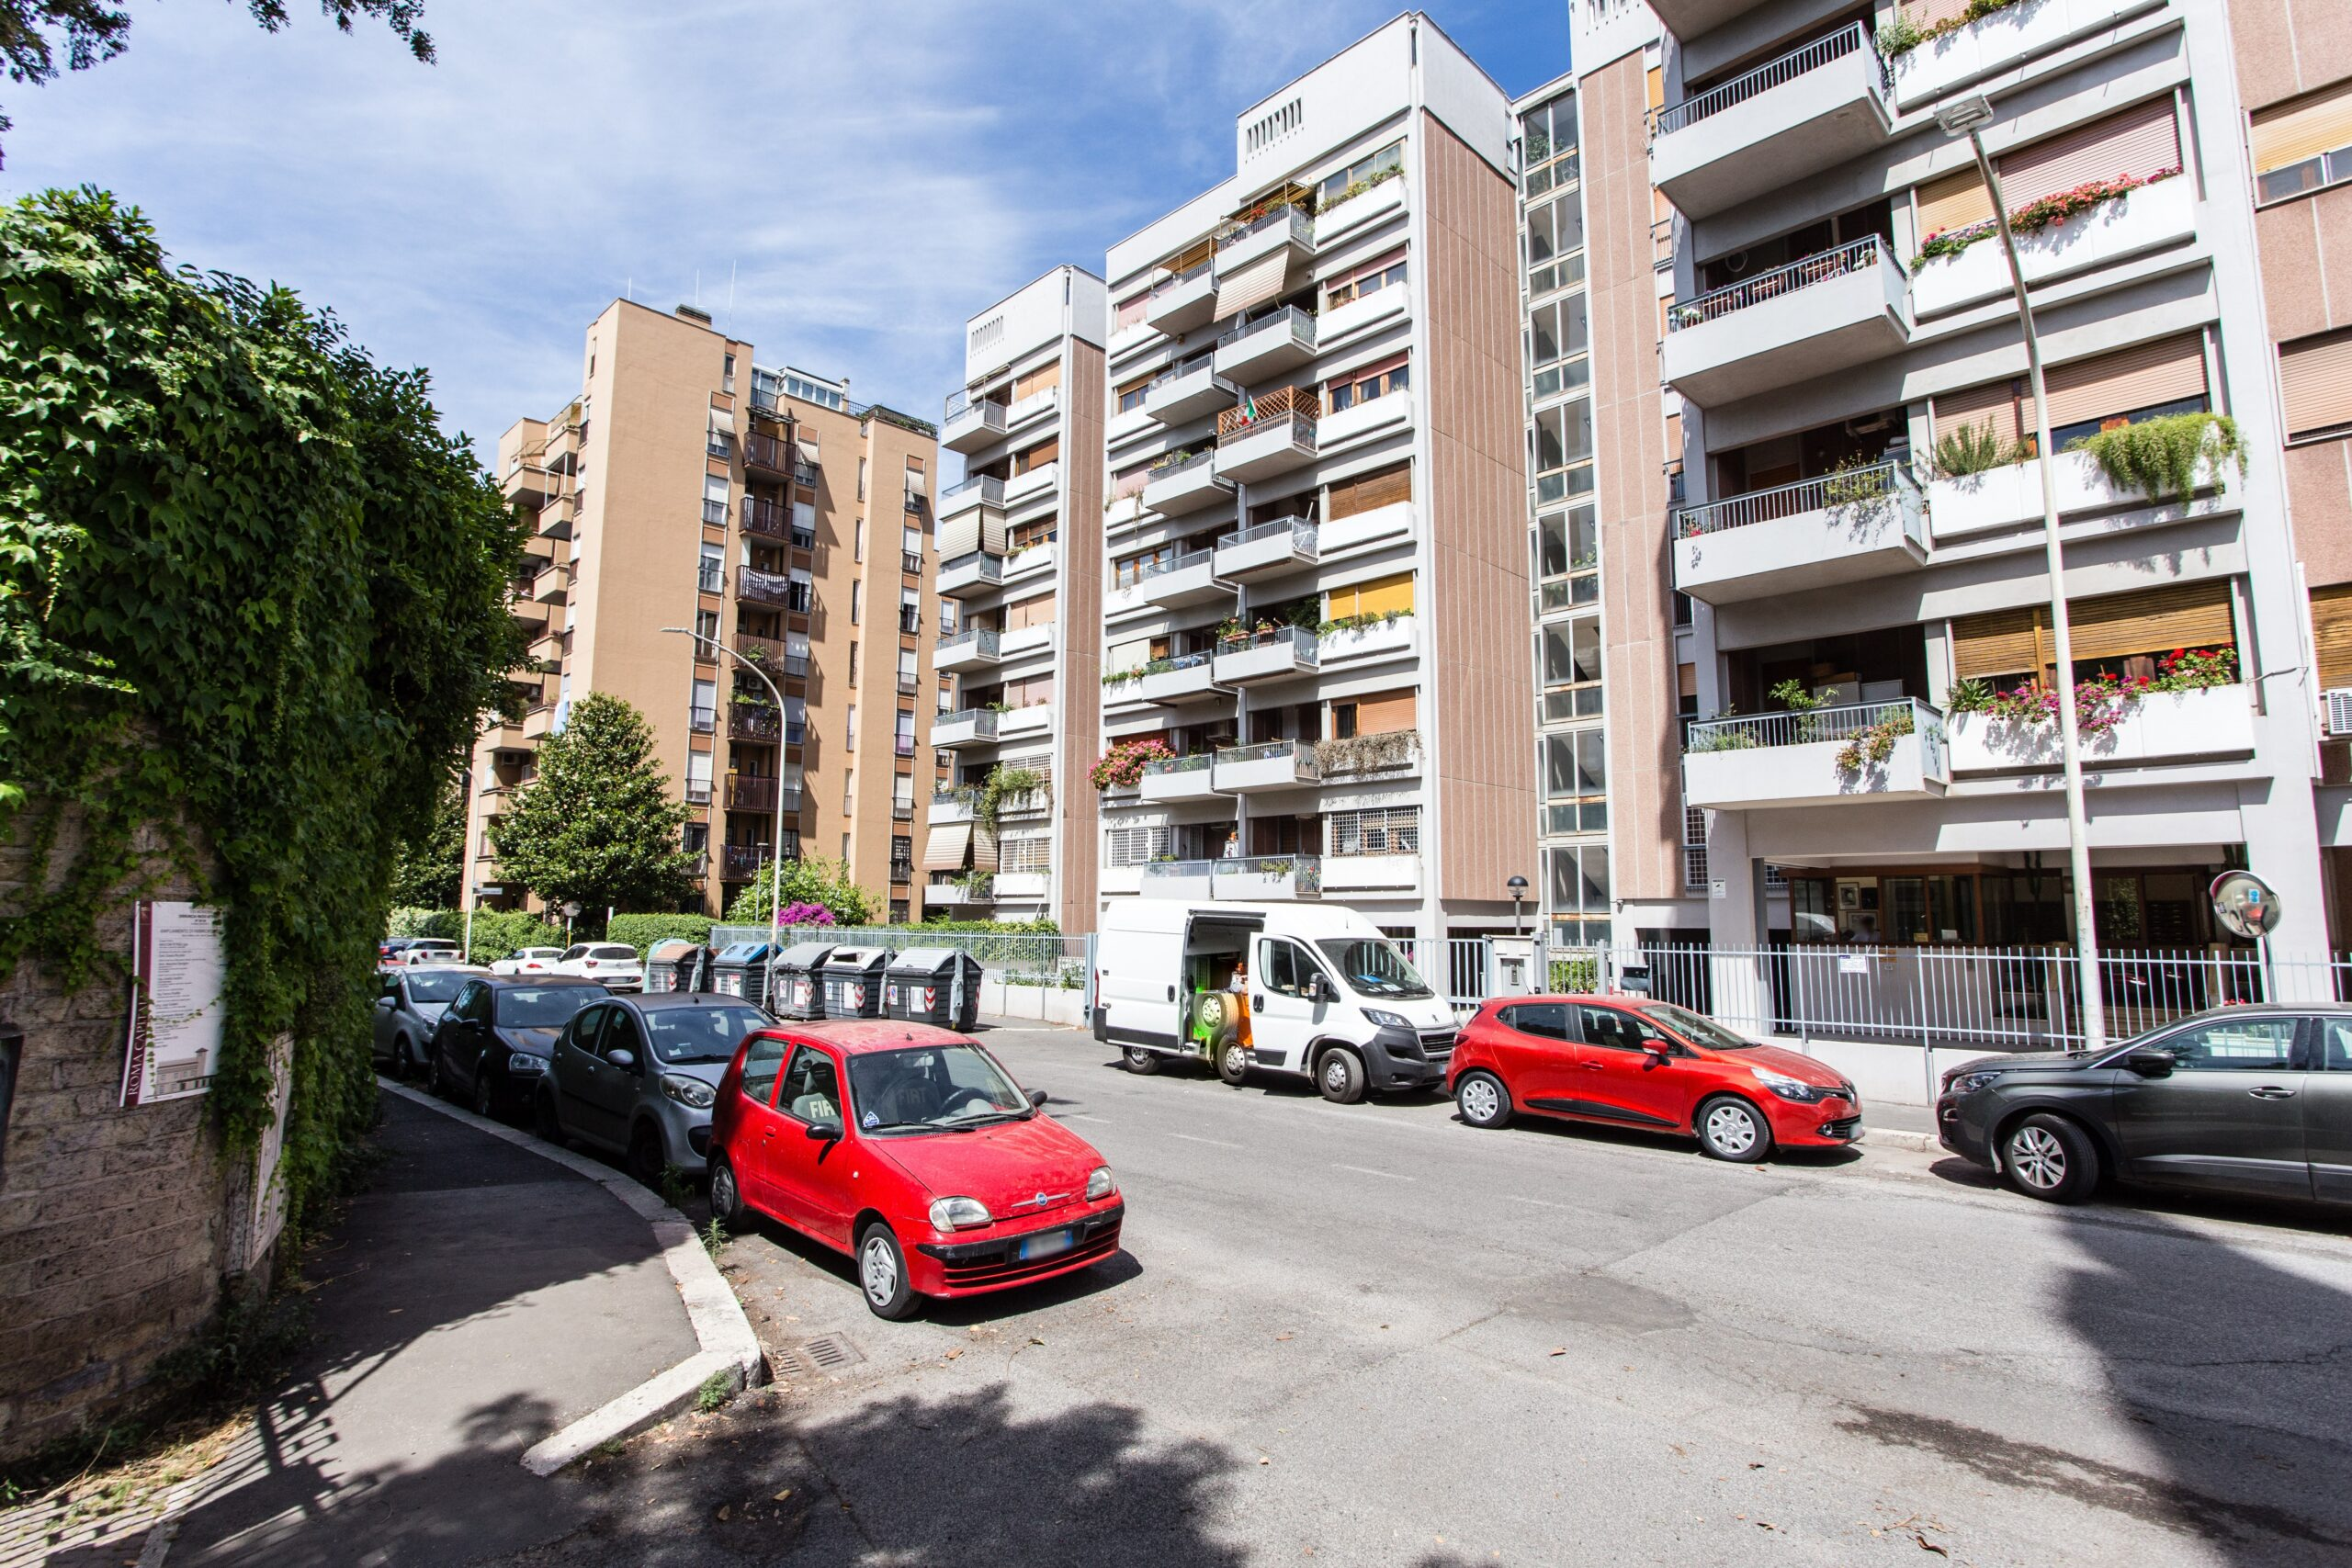 Poggio Ameno – Eur – Roma appartamento ampia metratura con balcone, cantina e posto auto doppio coperto